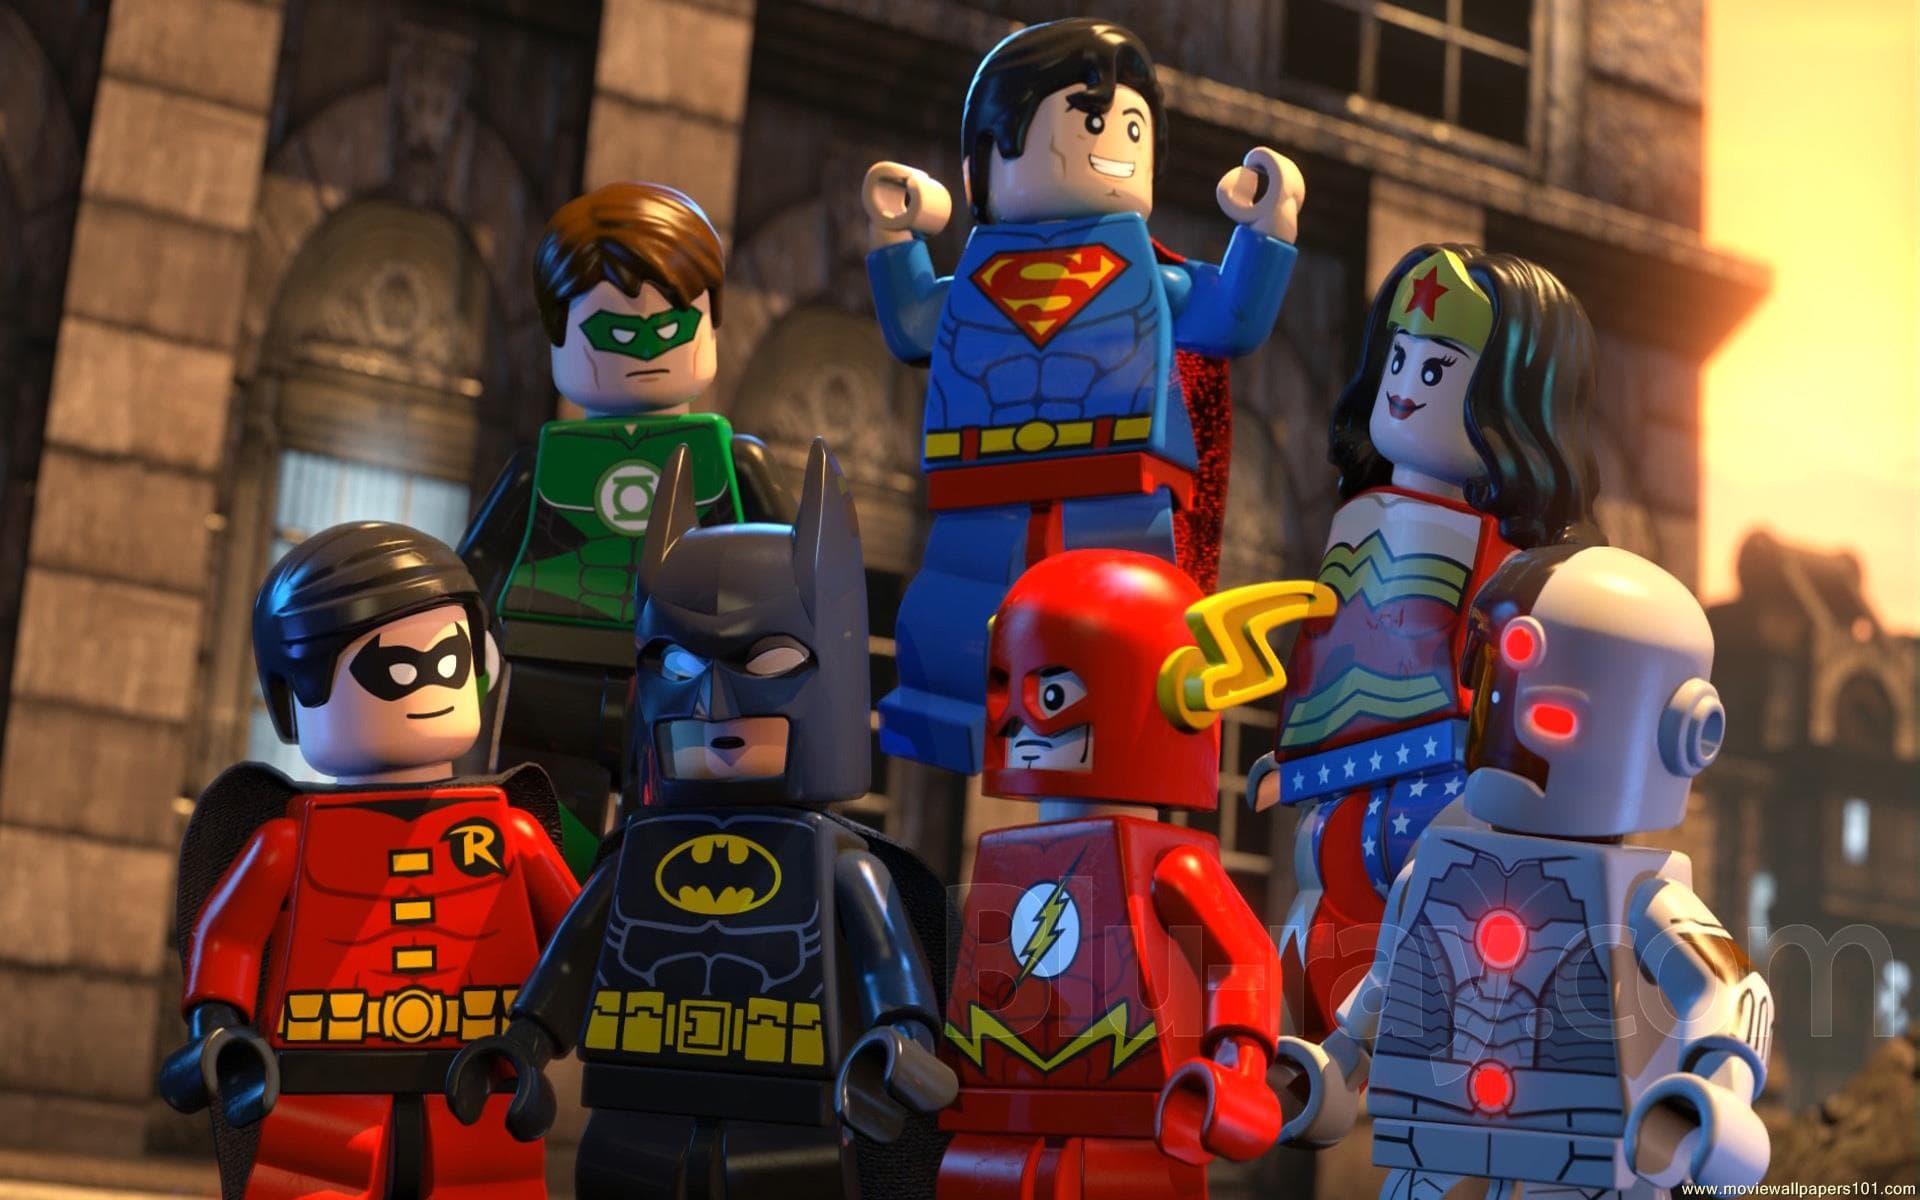 The Lego Movie Widescreen for desktop